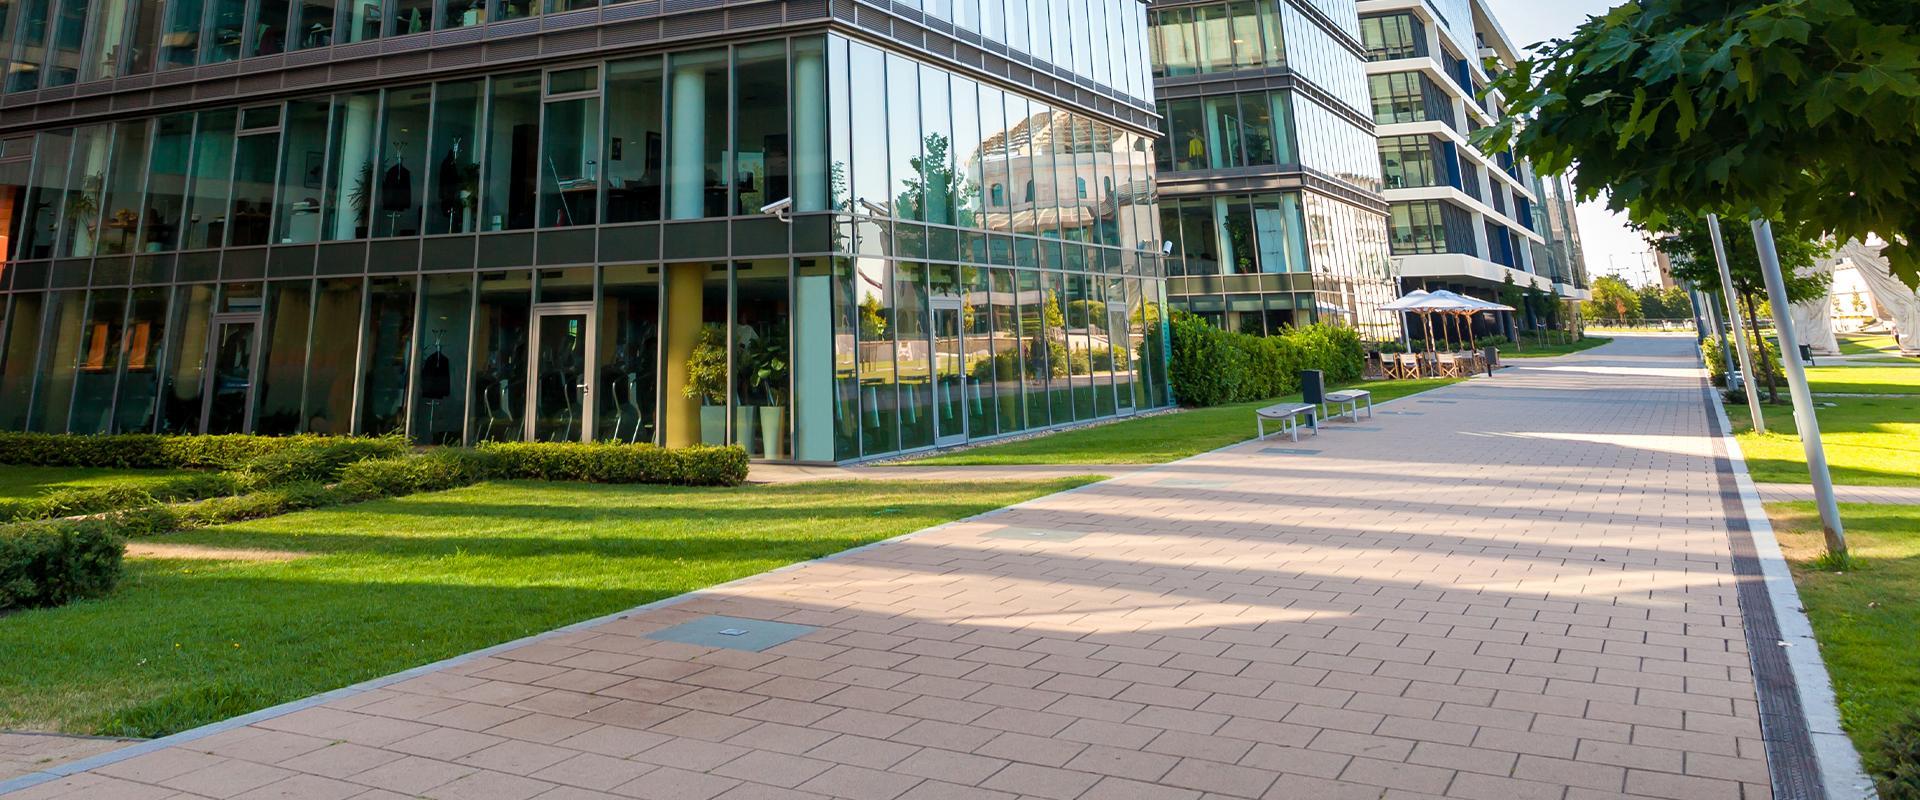 commercial building walkway